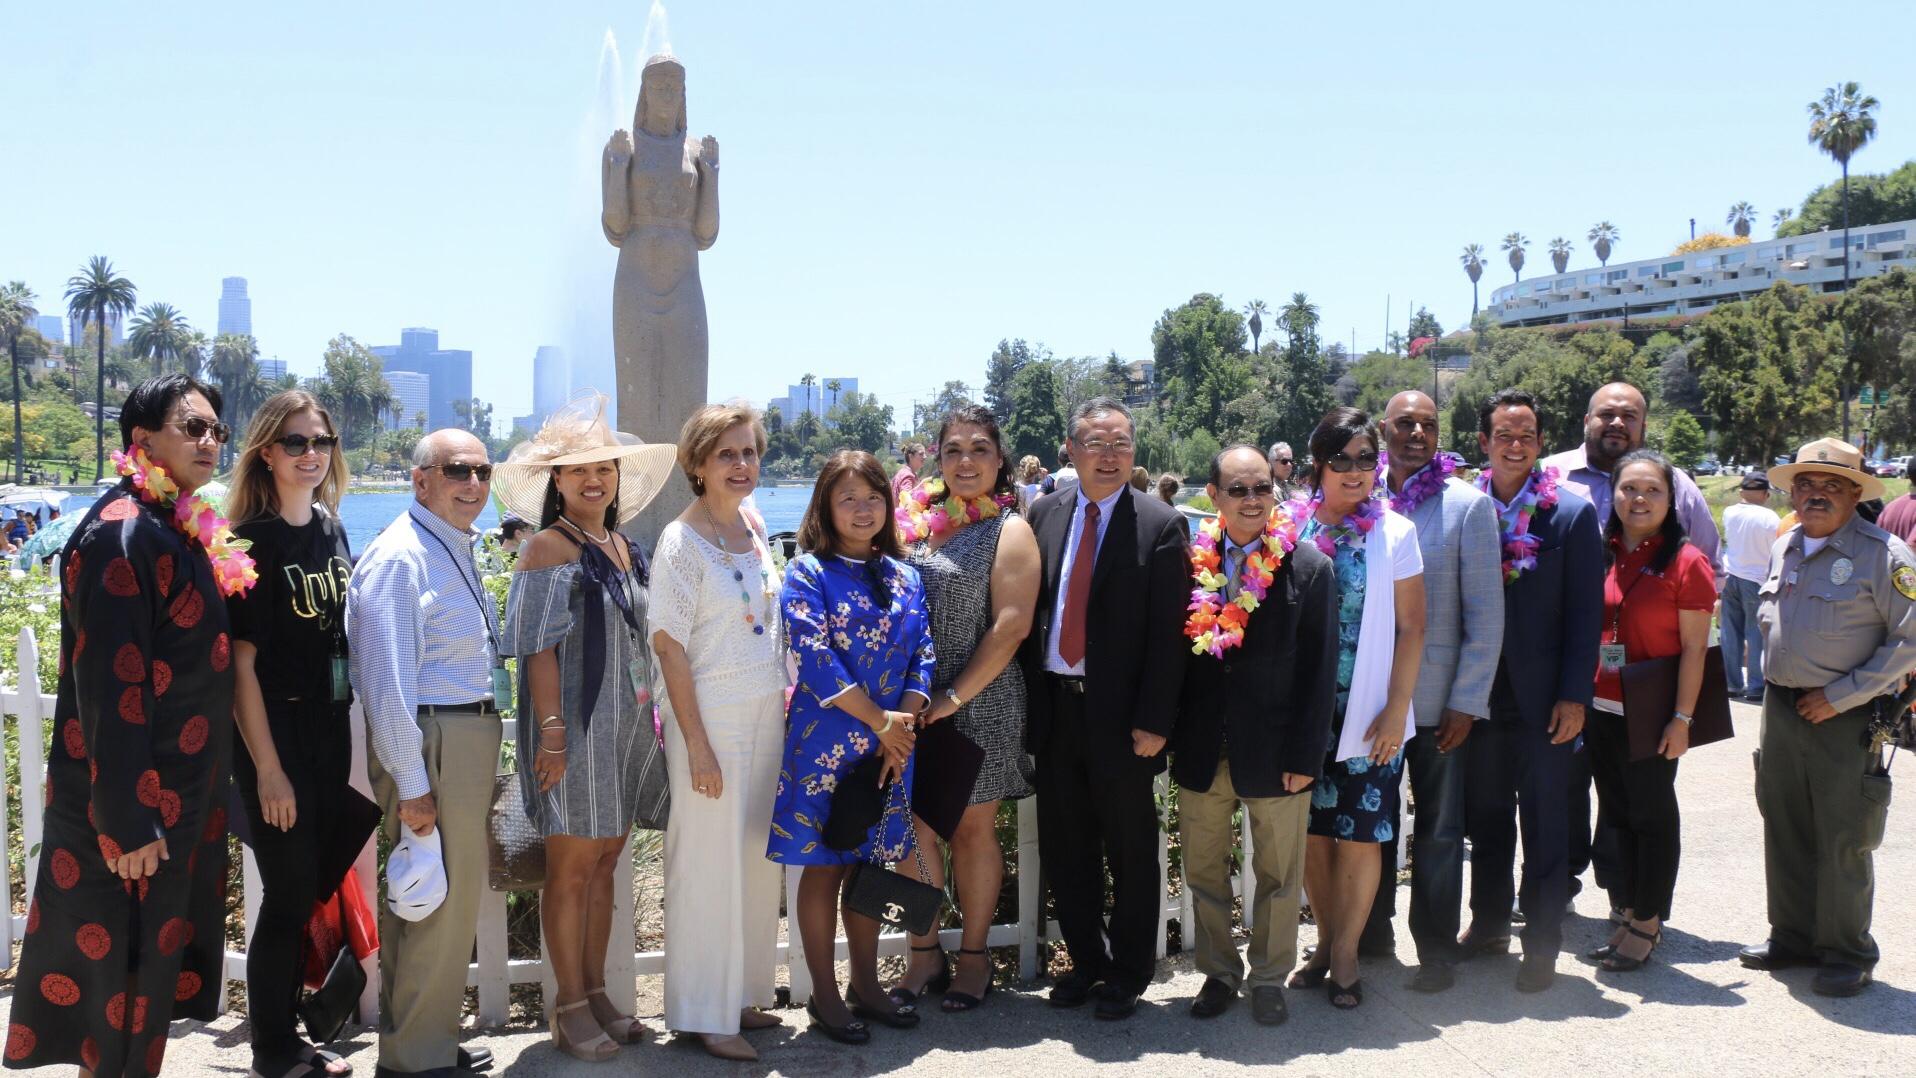 本届洛杉矶荷花节由LA娱乐与公园局、中国驻洛杉矶总领馆主办。演出单位由梅拉诺文化演艺公司旗下的中华国乐团、洛杉矶越剧之家、梅拉诺女子乐坊和美中华人音乐家协会.